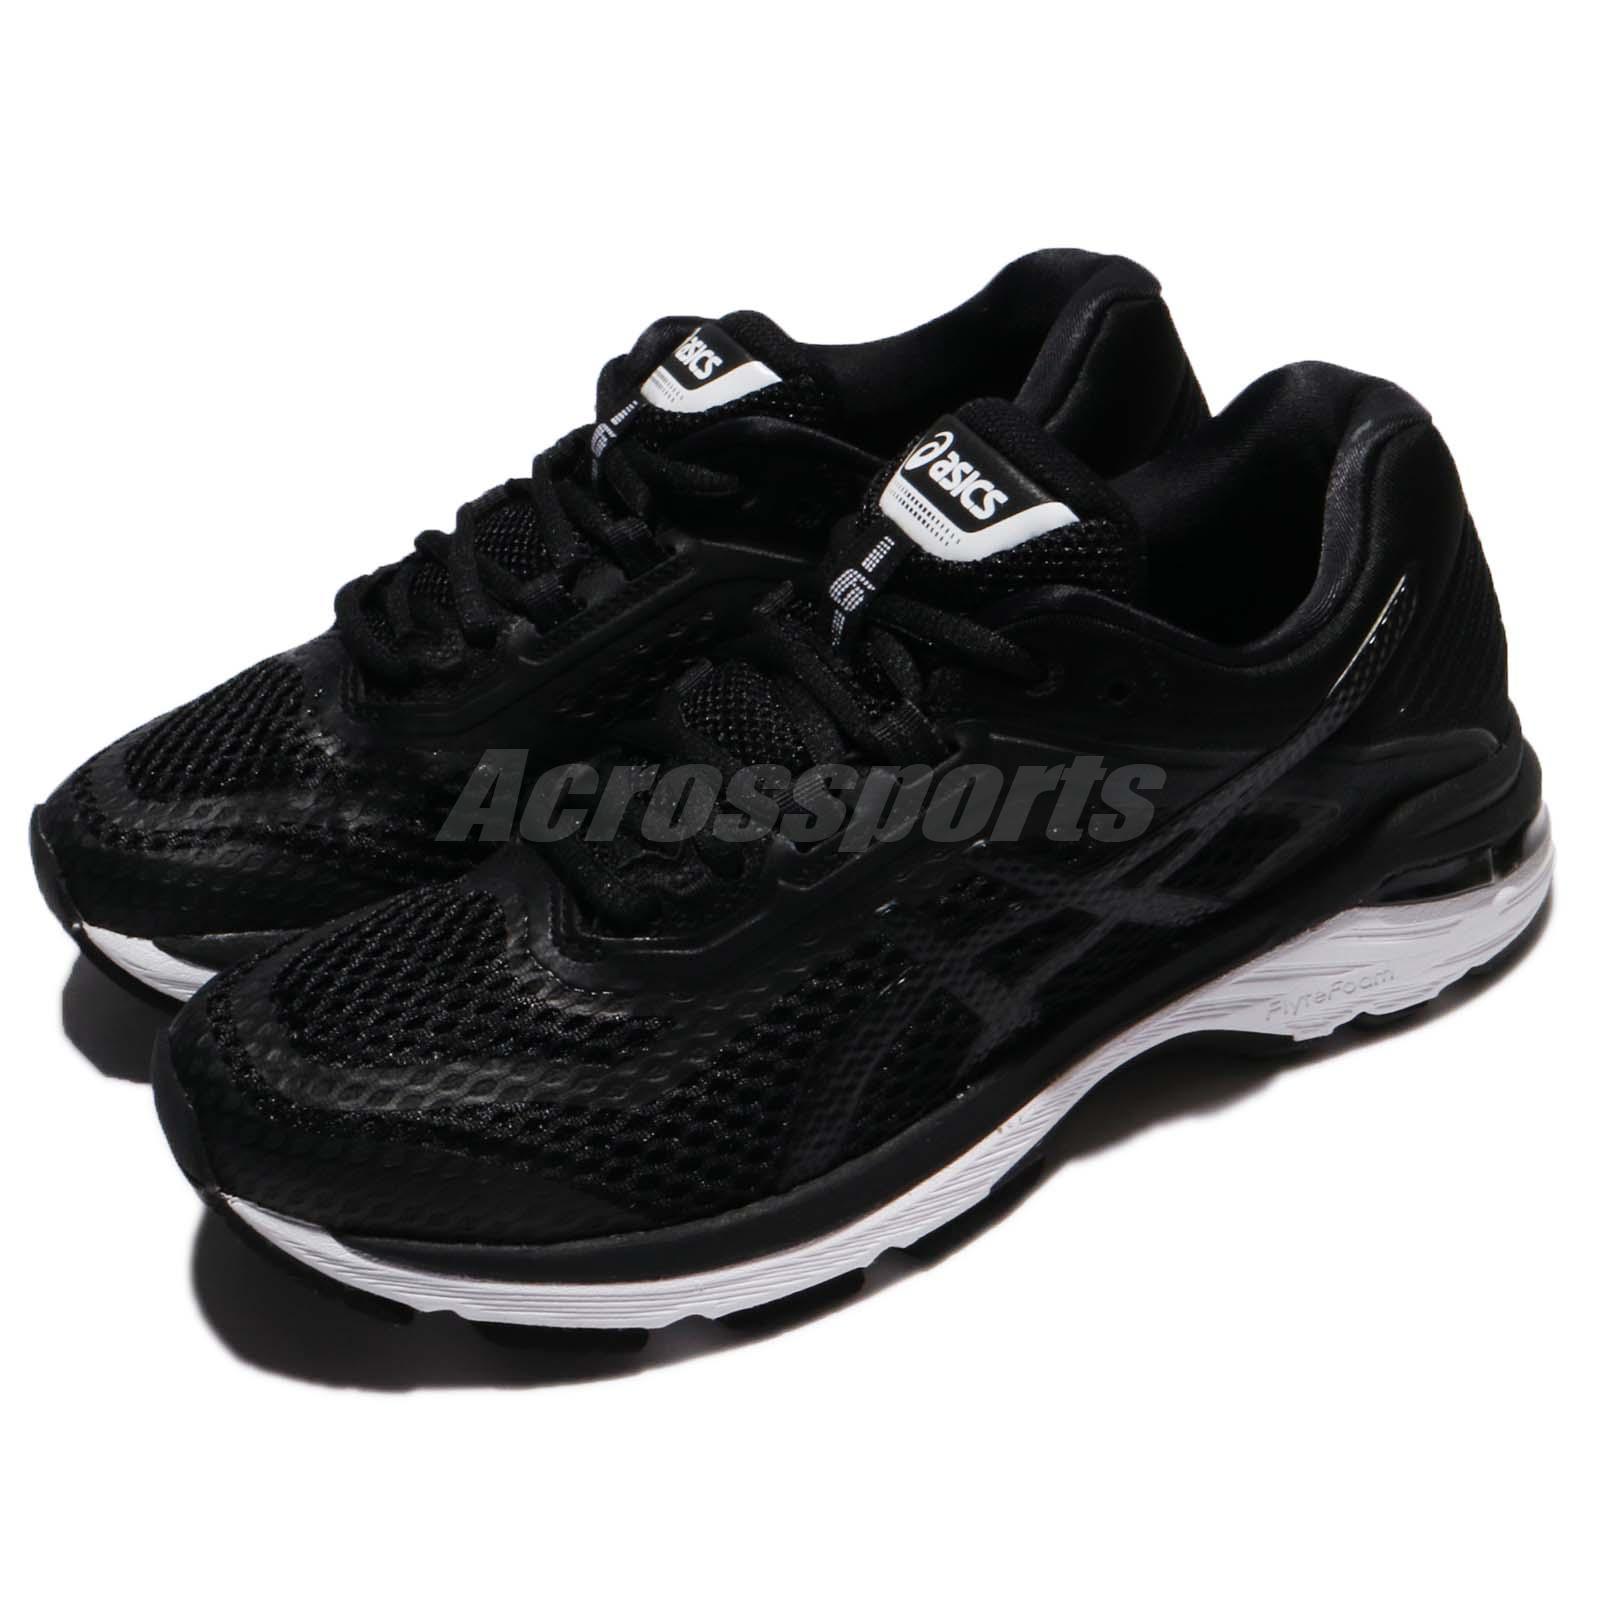 Asics GT-2000 6 VI Black White Women